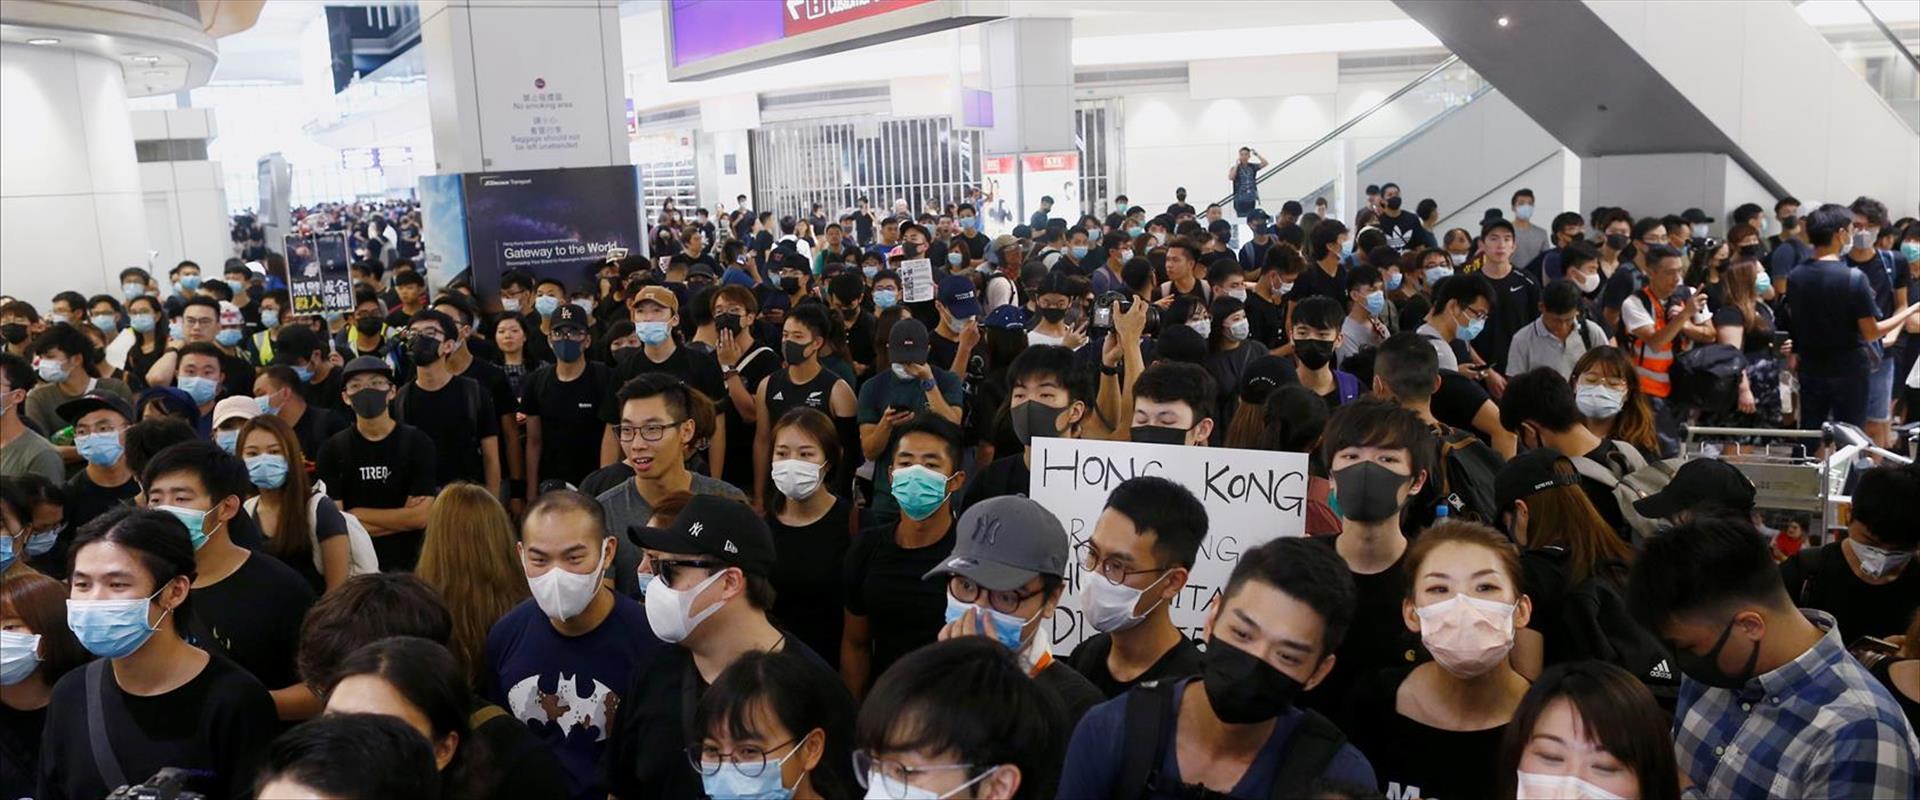 המחאה בנמל התעופה בהונג קונג, היום